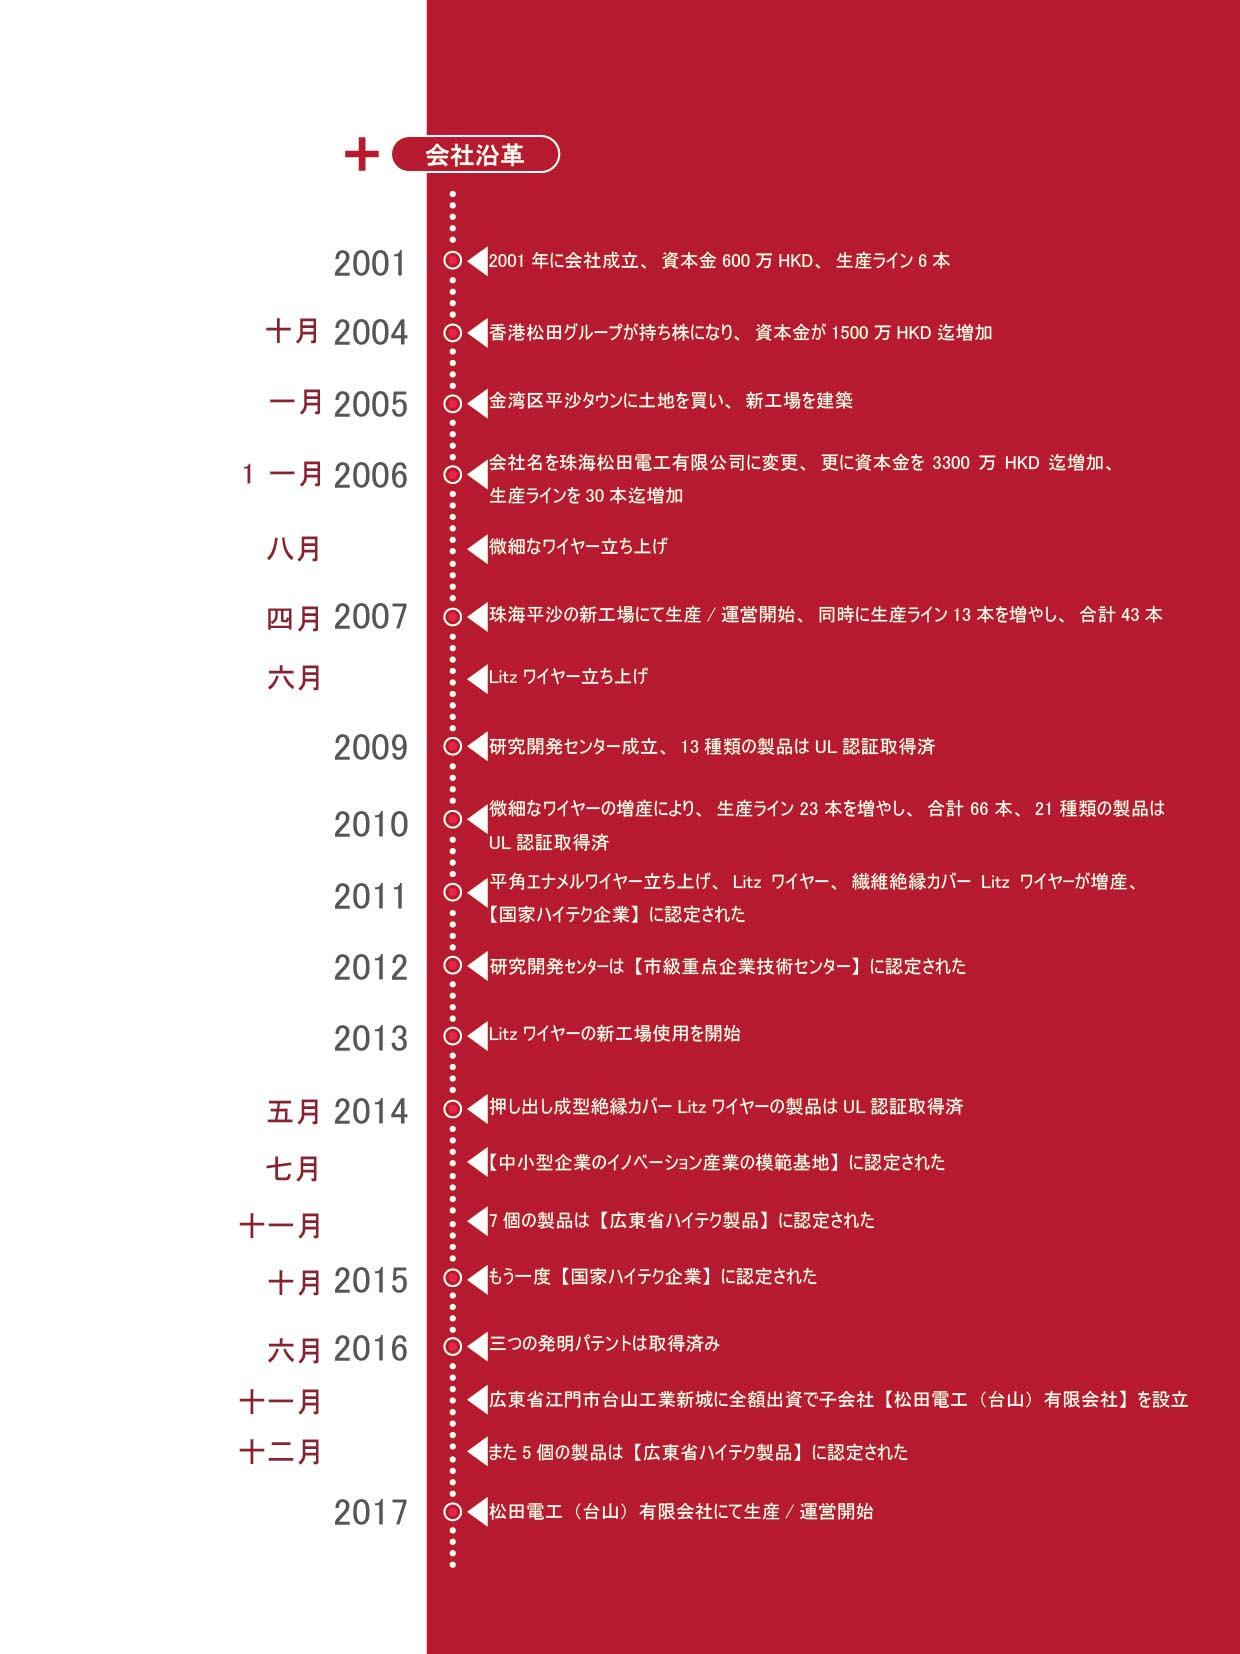 松田电工产品目录册-日本語2018.02.jpg